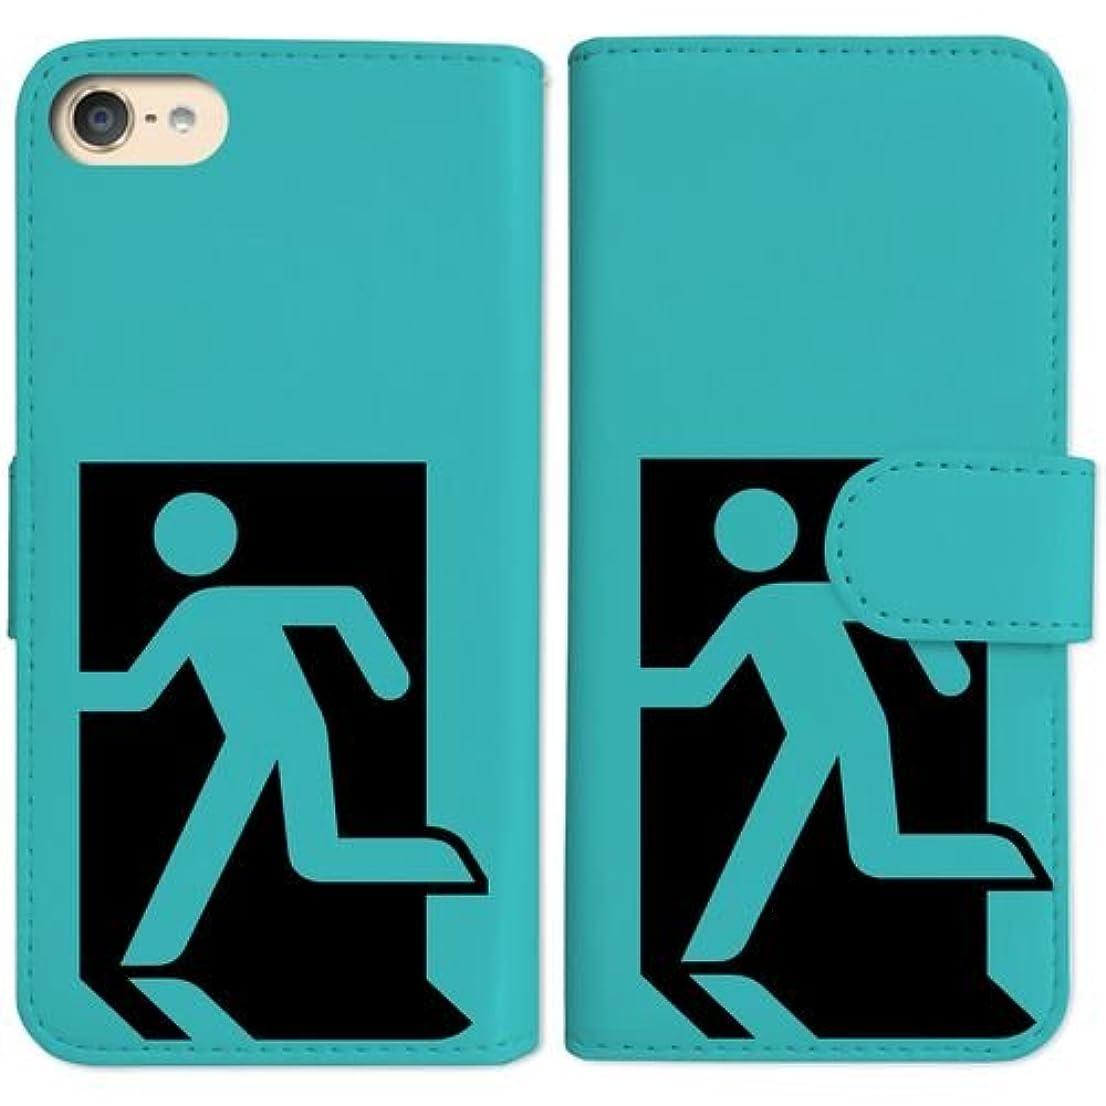 手紙を書く流倍率sslink iPod touch6 アイポッドタッチ6 手帳型 ブルー ケース 非常口(ブラック) ダイアリータイプ 横開き カード収納 フリップ カバー